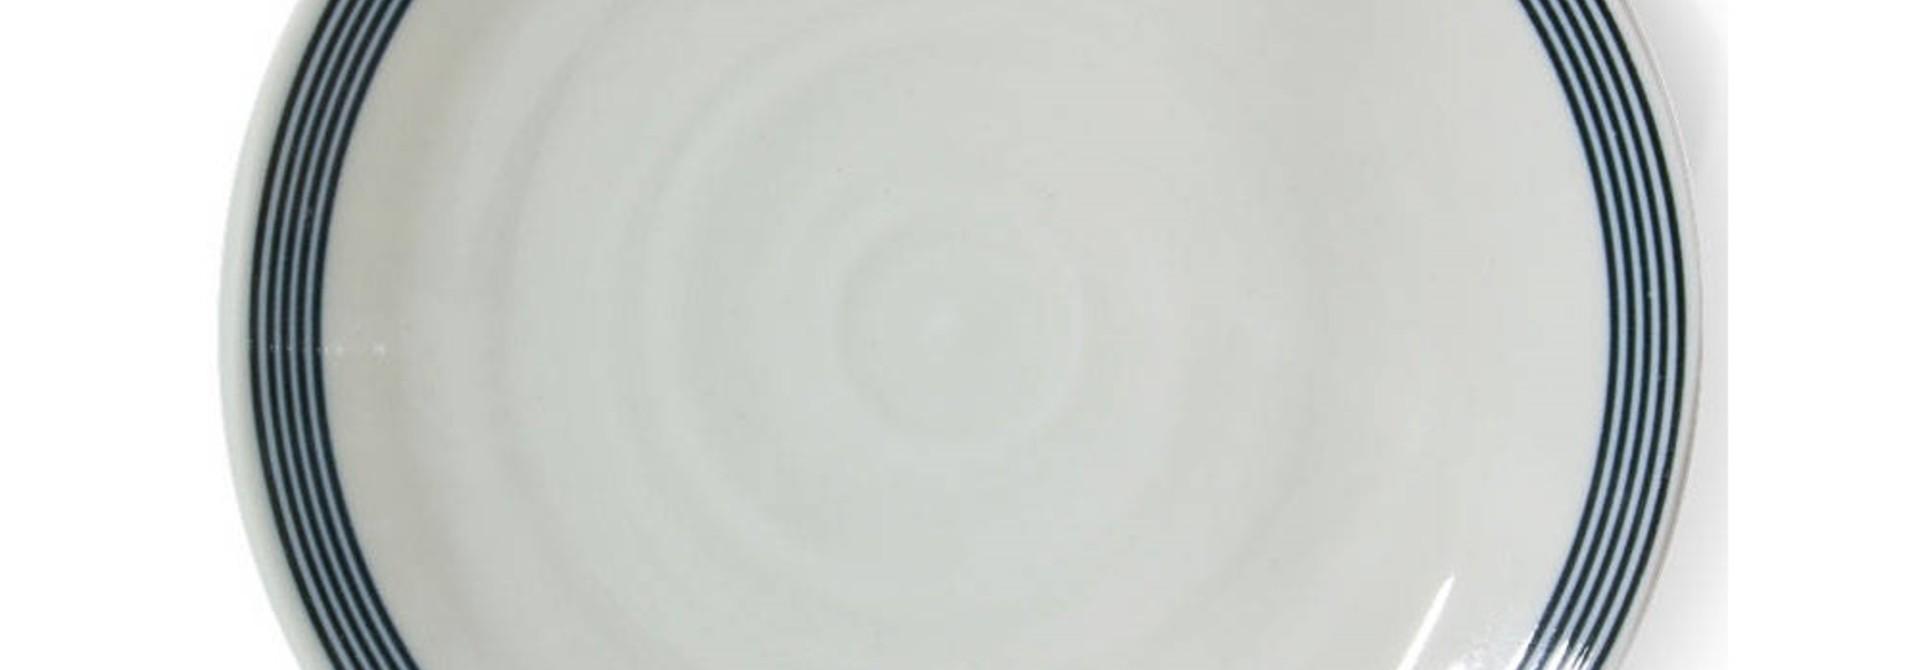 """Seseragi 10.25"""" Round Plate"""